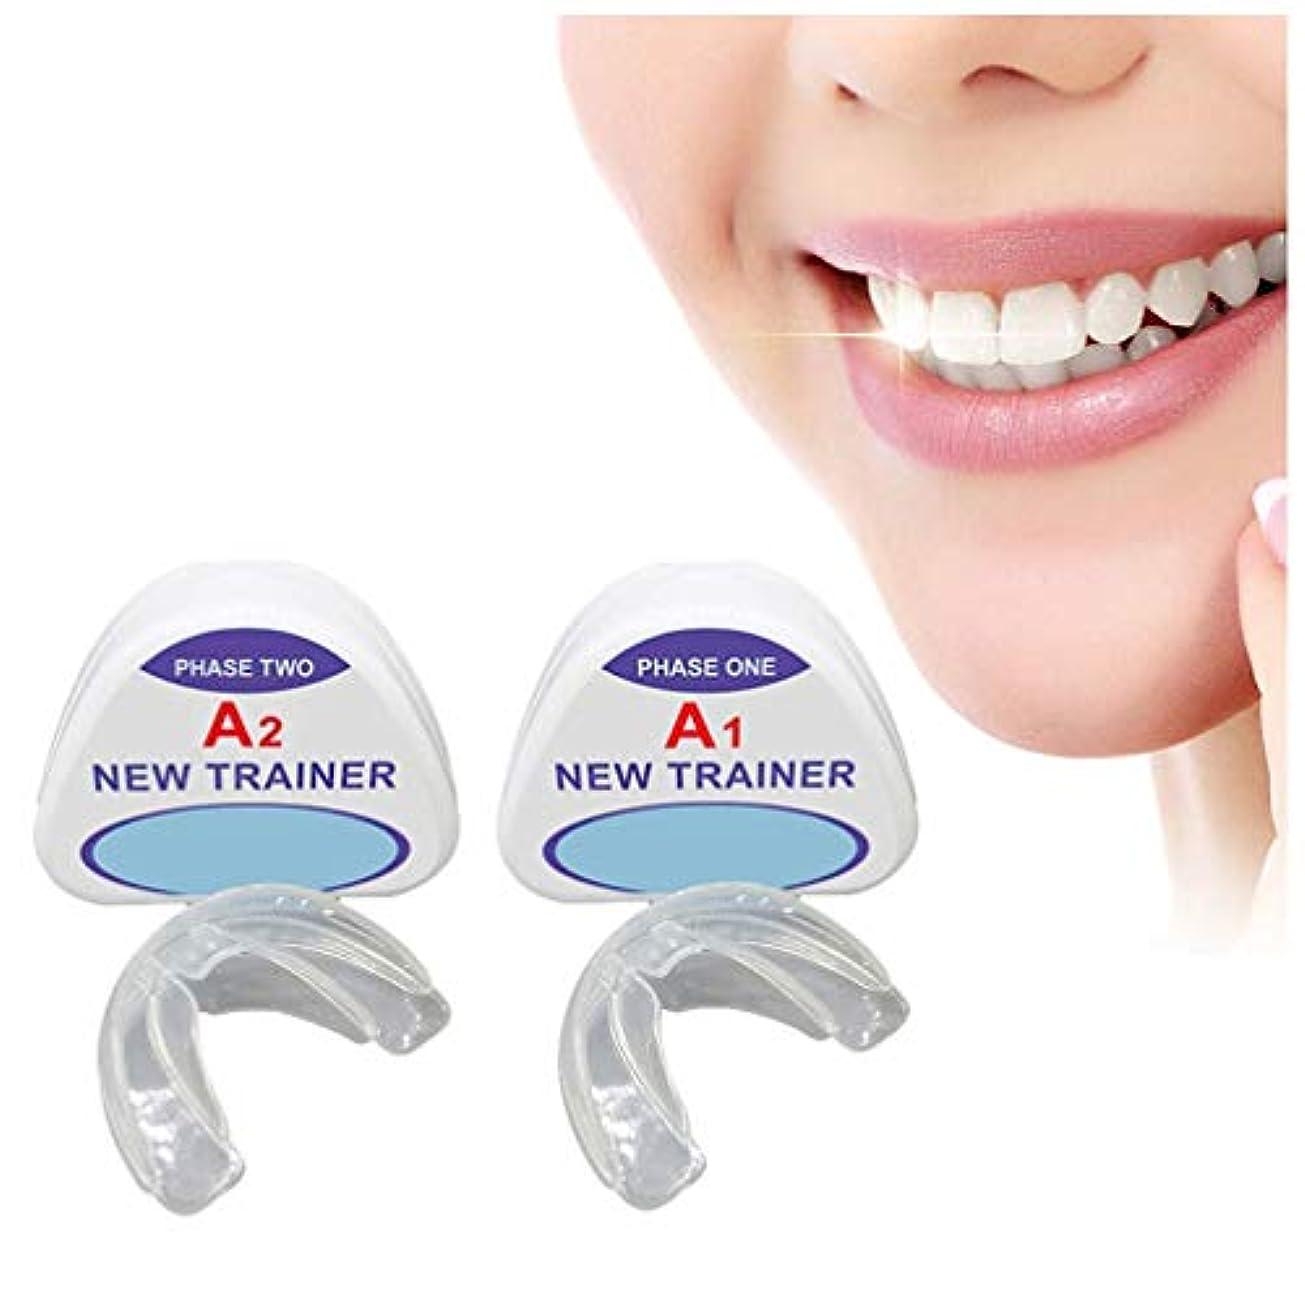 休眠時系列きゅうり歯列矯正トレーナーリテーナー、歯科用マウスガード歯列矯正器具、歯用器具夜予防臼歯ブレース